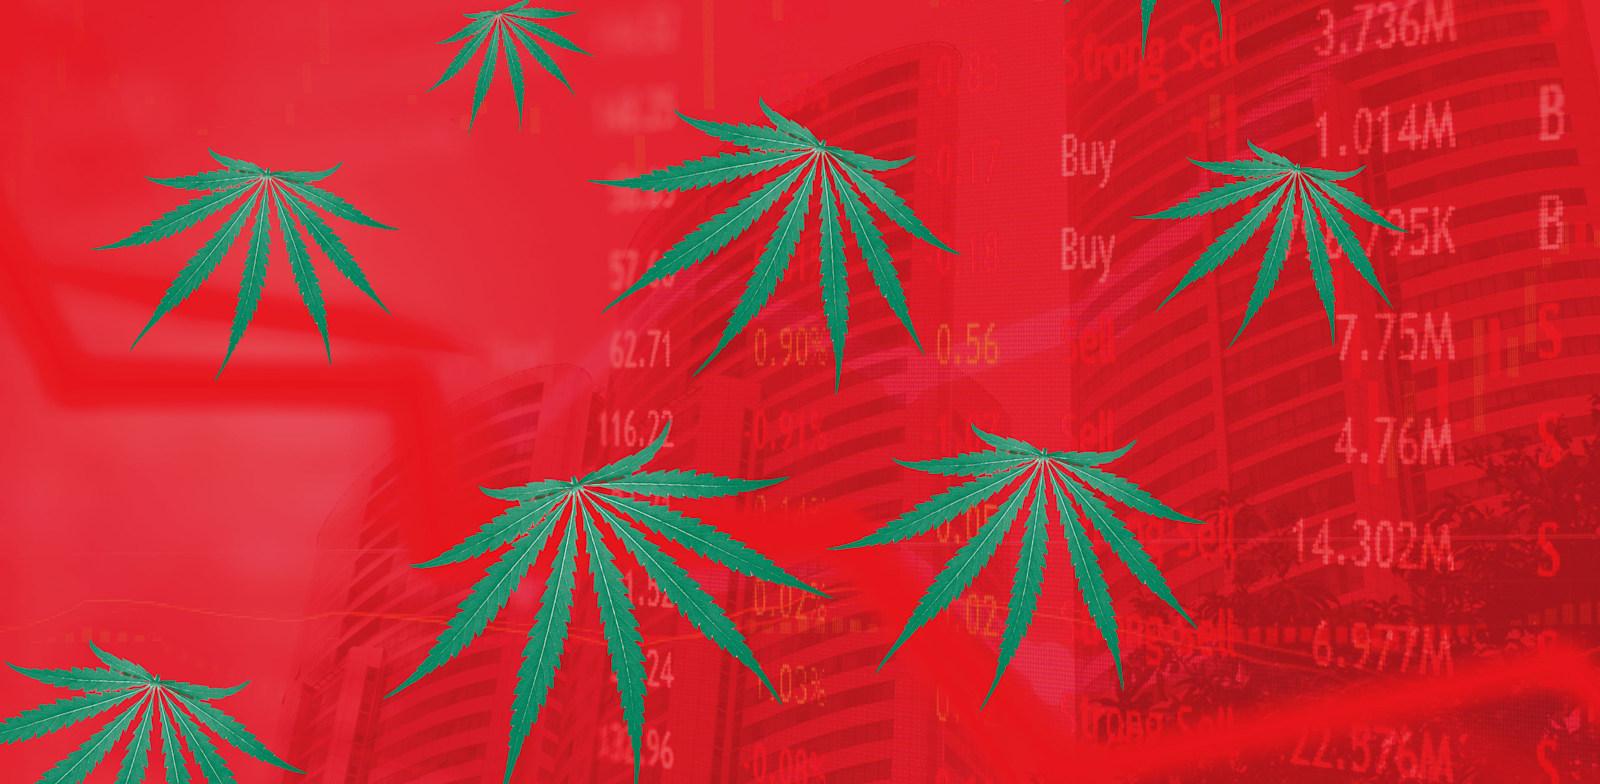 מניות הקנאביס שהתחבבו על גולשי רדיט עברו לנפילות / צילום: Shutterstock